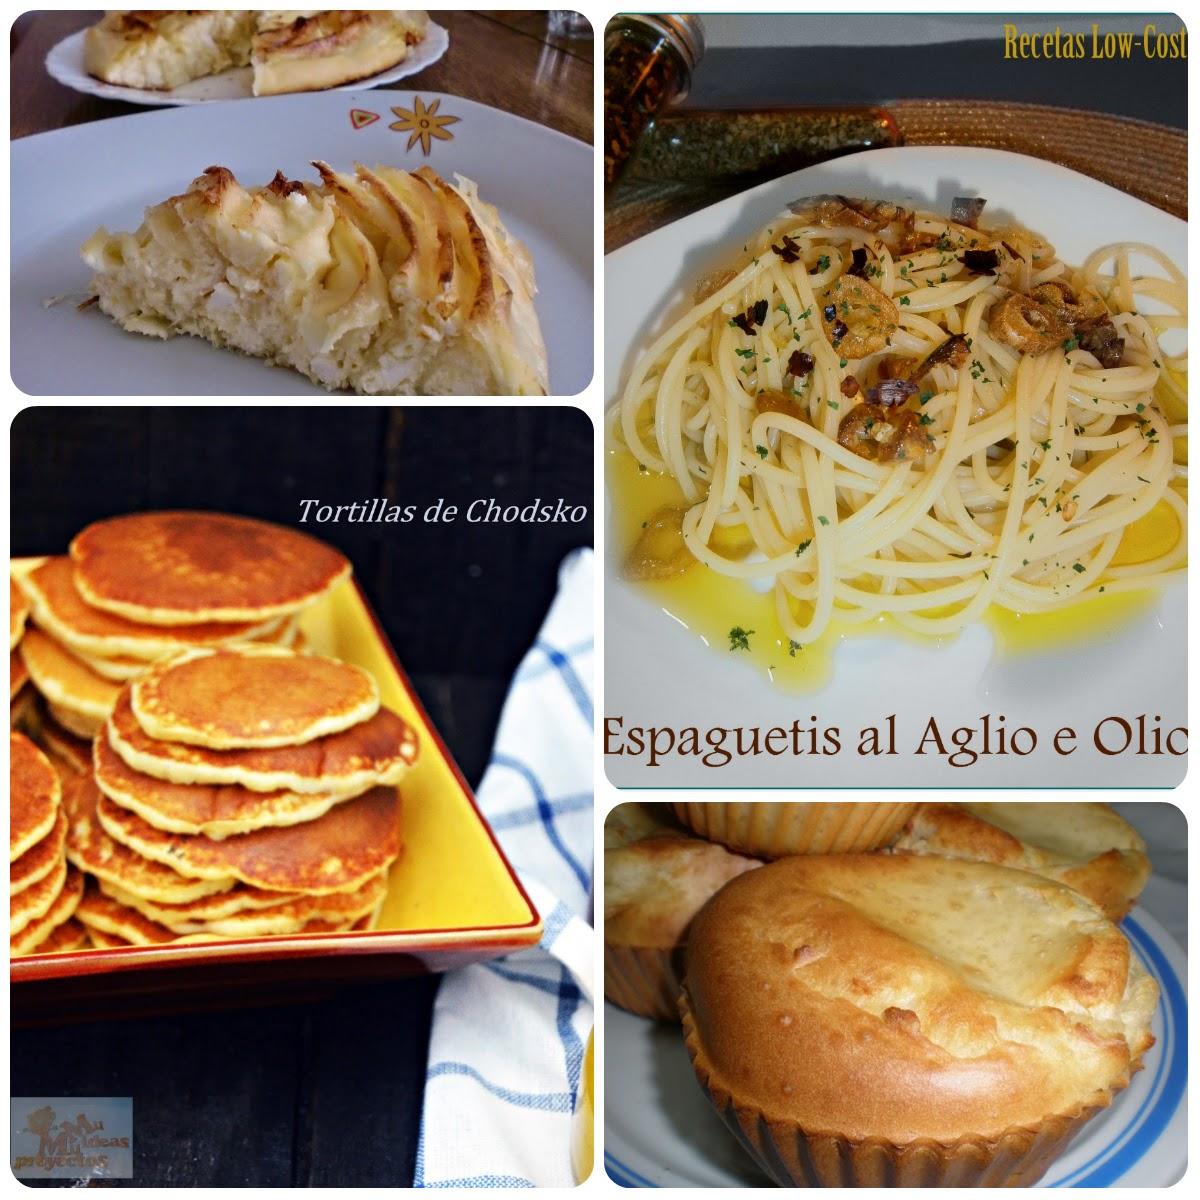 Platos que componen el noveno menú vegetariano con recetas de otros blogs.